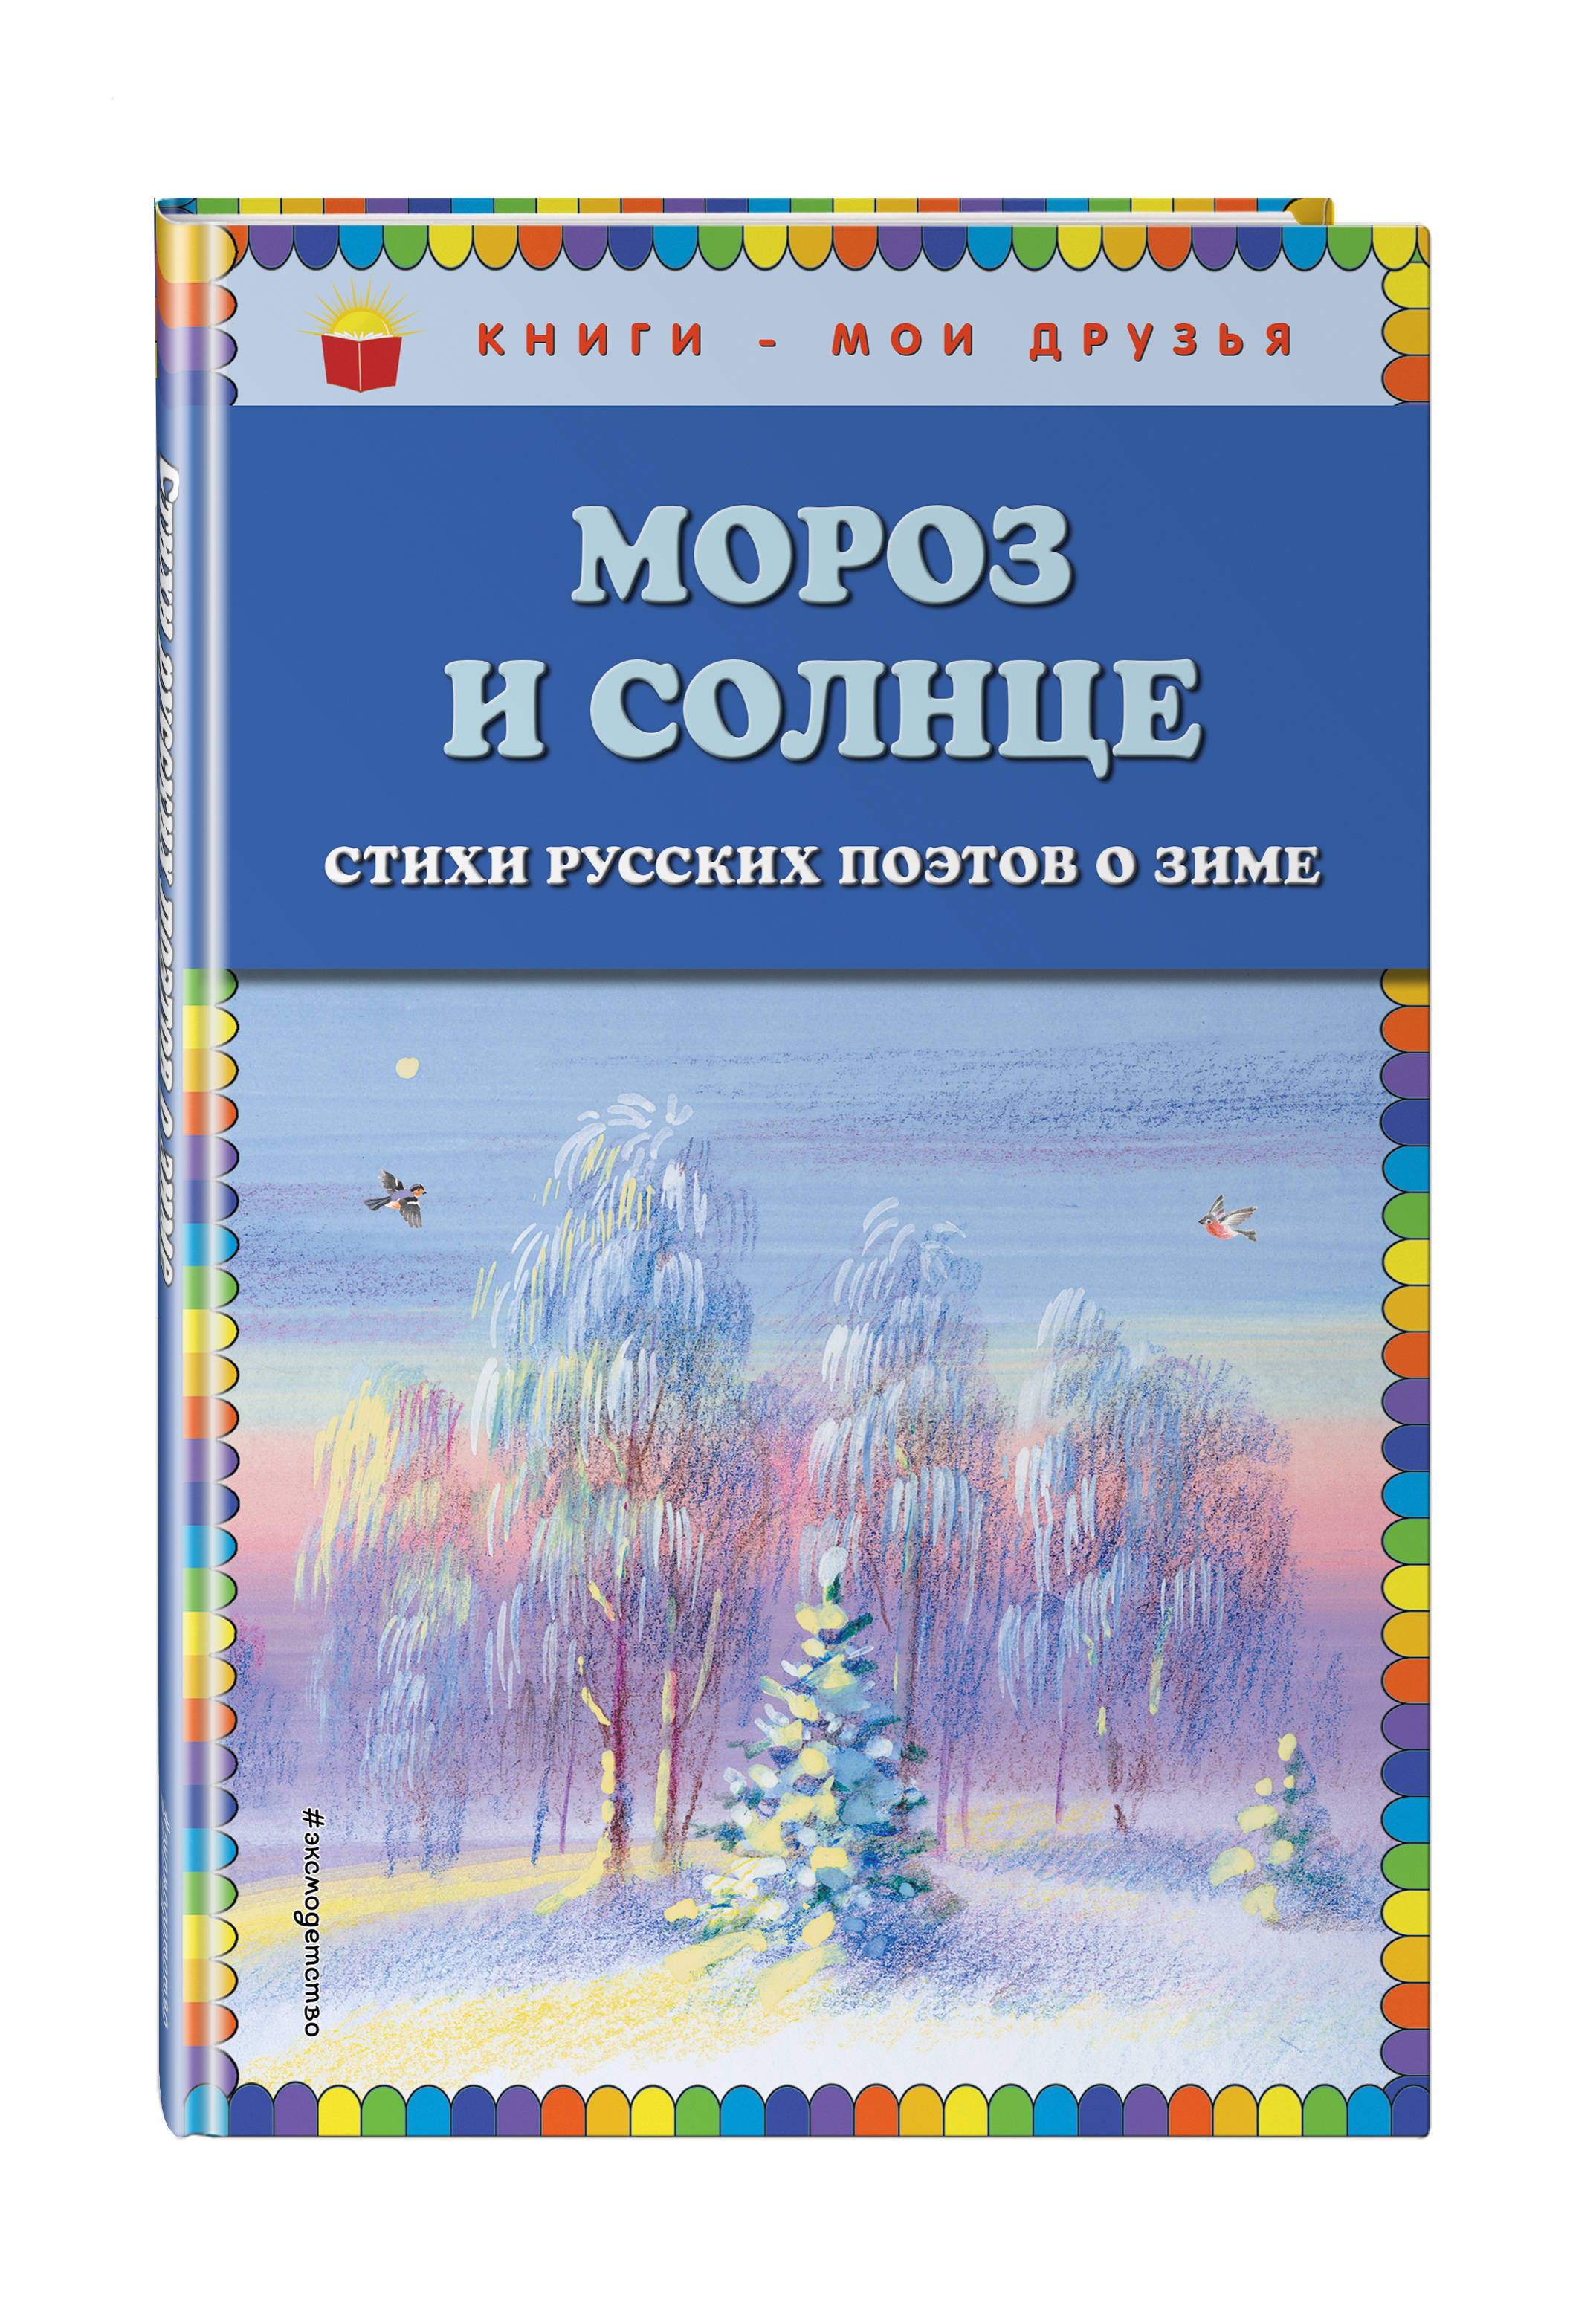 Мороз и солнце. Стихи русских поэтов о зиме (ил. В. Канивца)